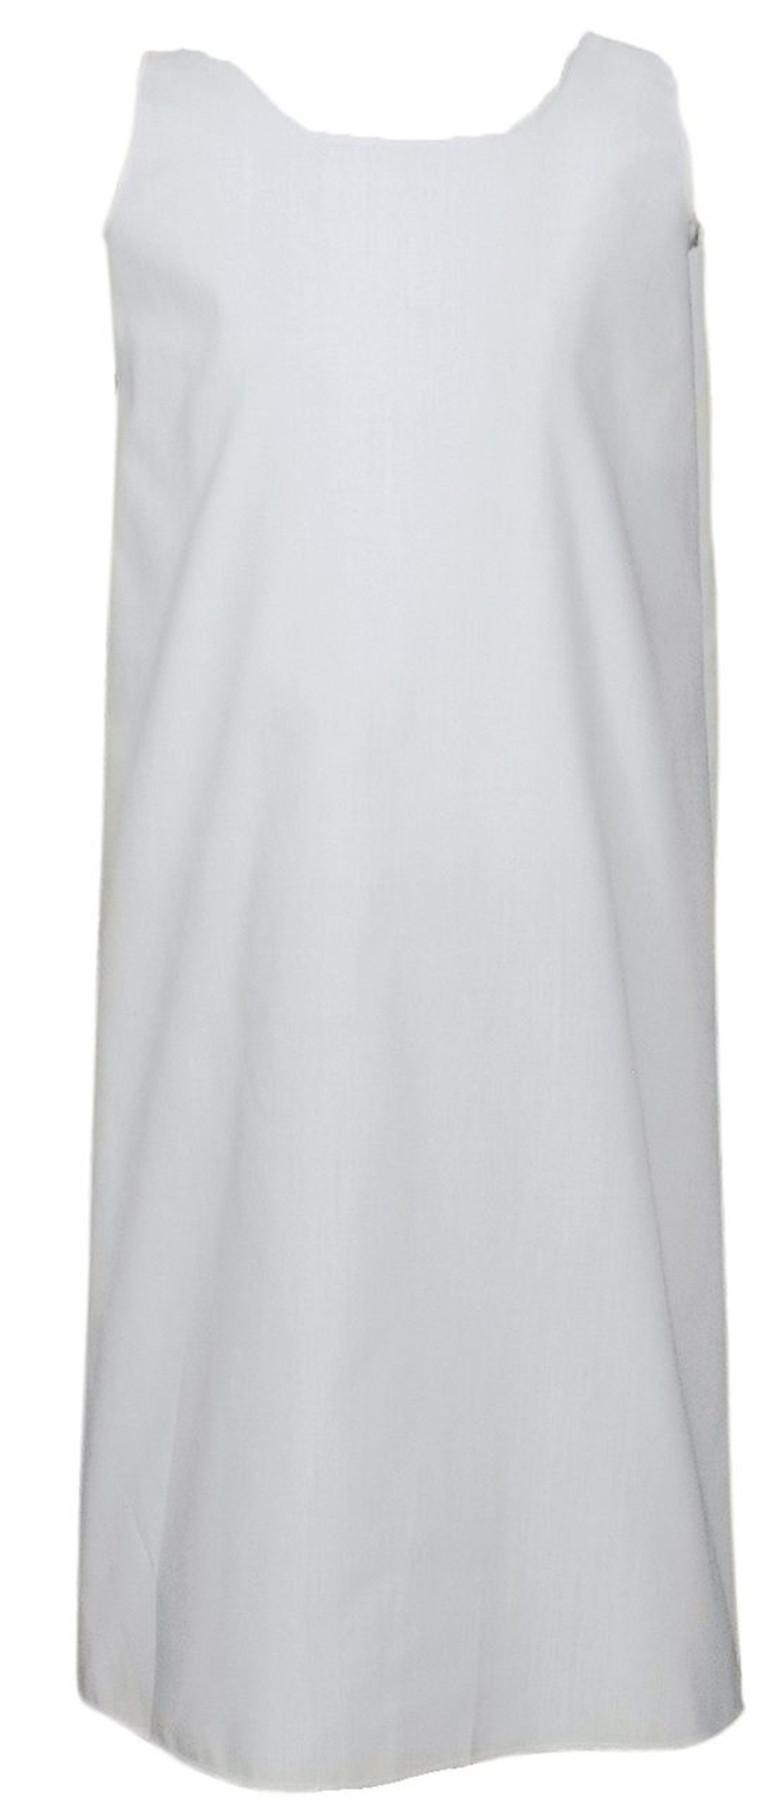 Girls Easter Christening Baptism Slip Liner, 23″ White Poly Cotton